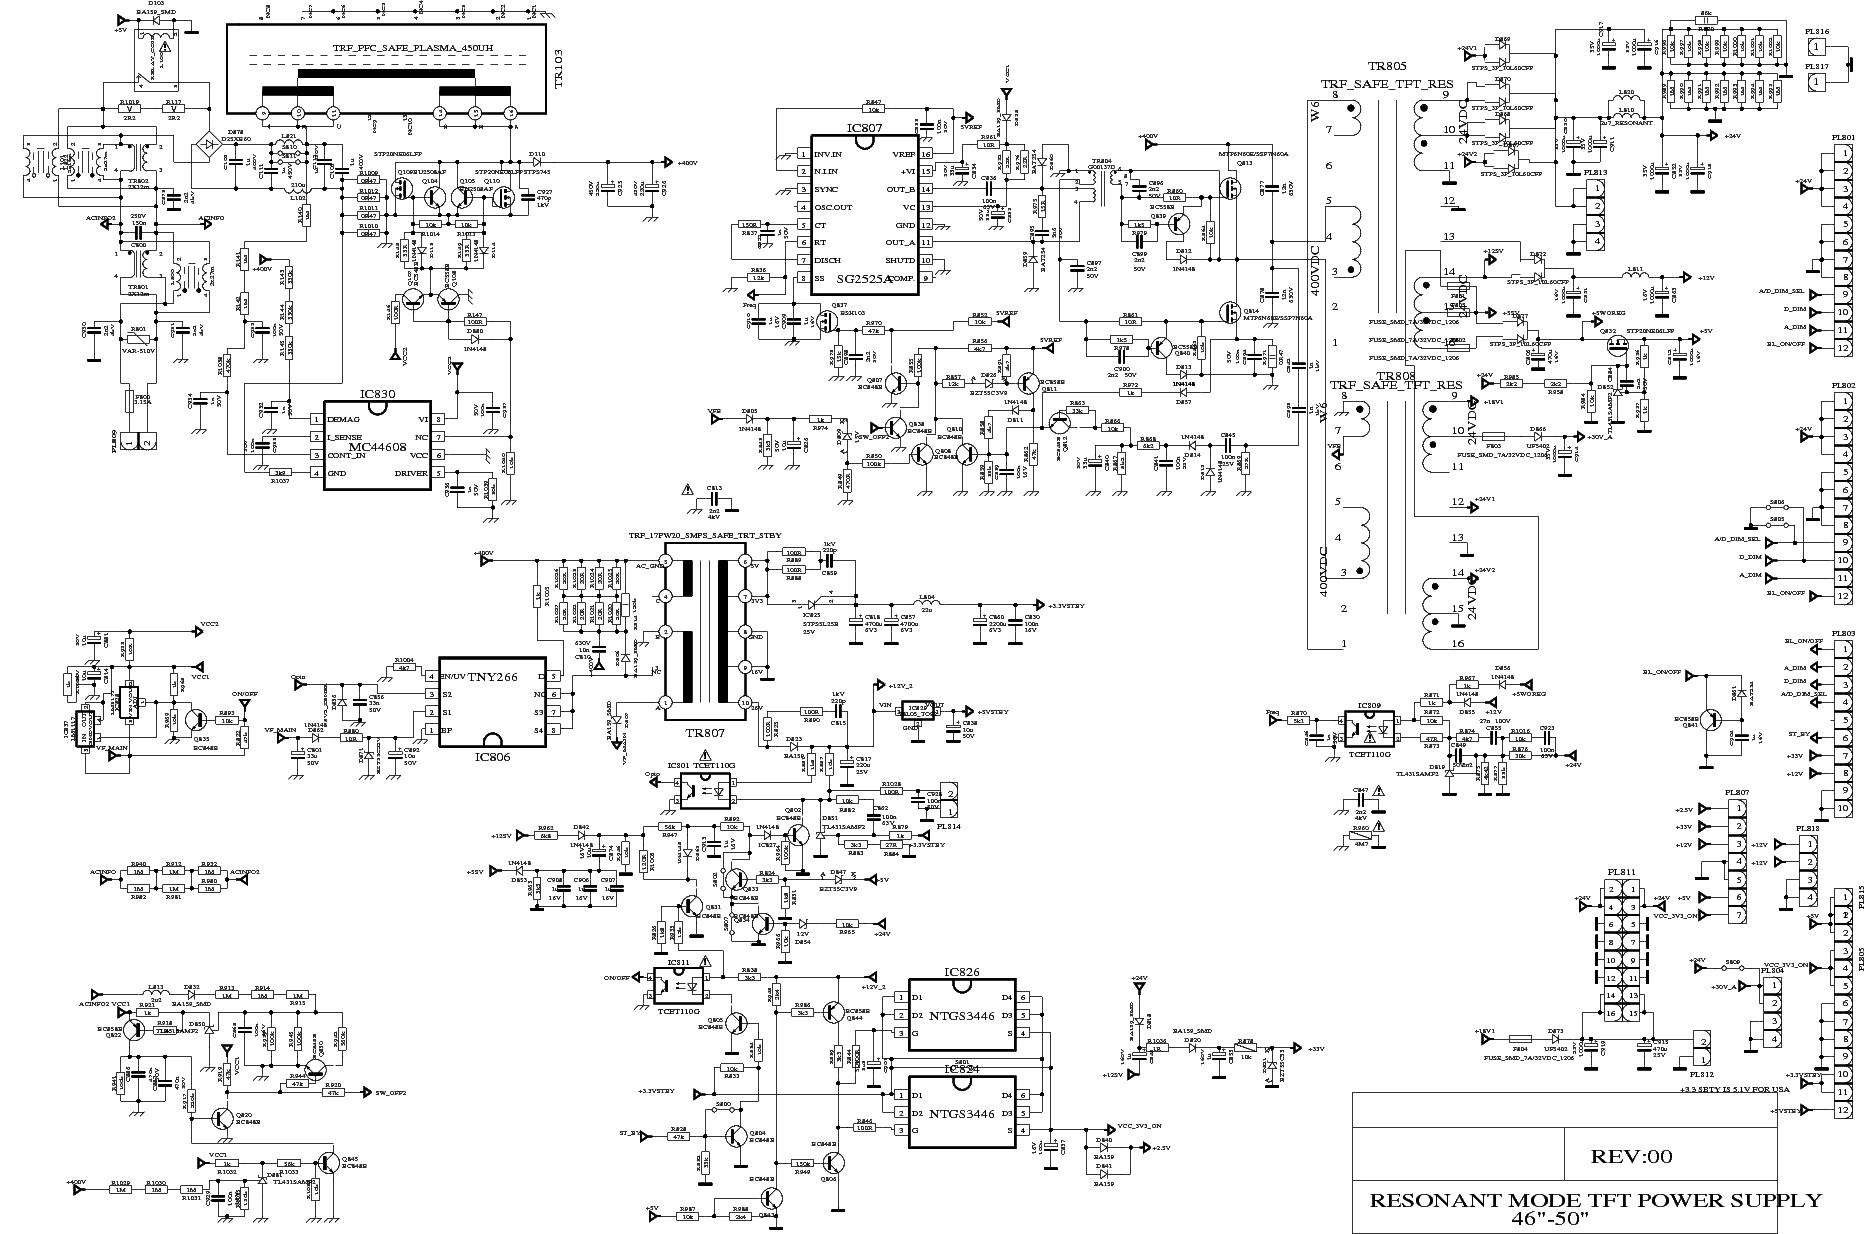 schematic the wiring diagram schematic vidim wiring diagram schematic